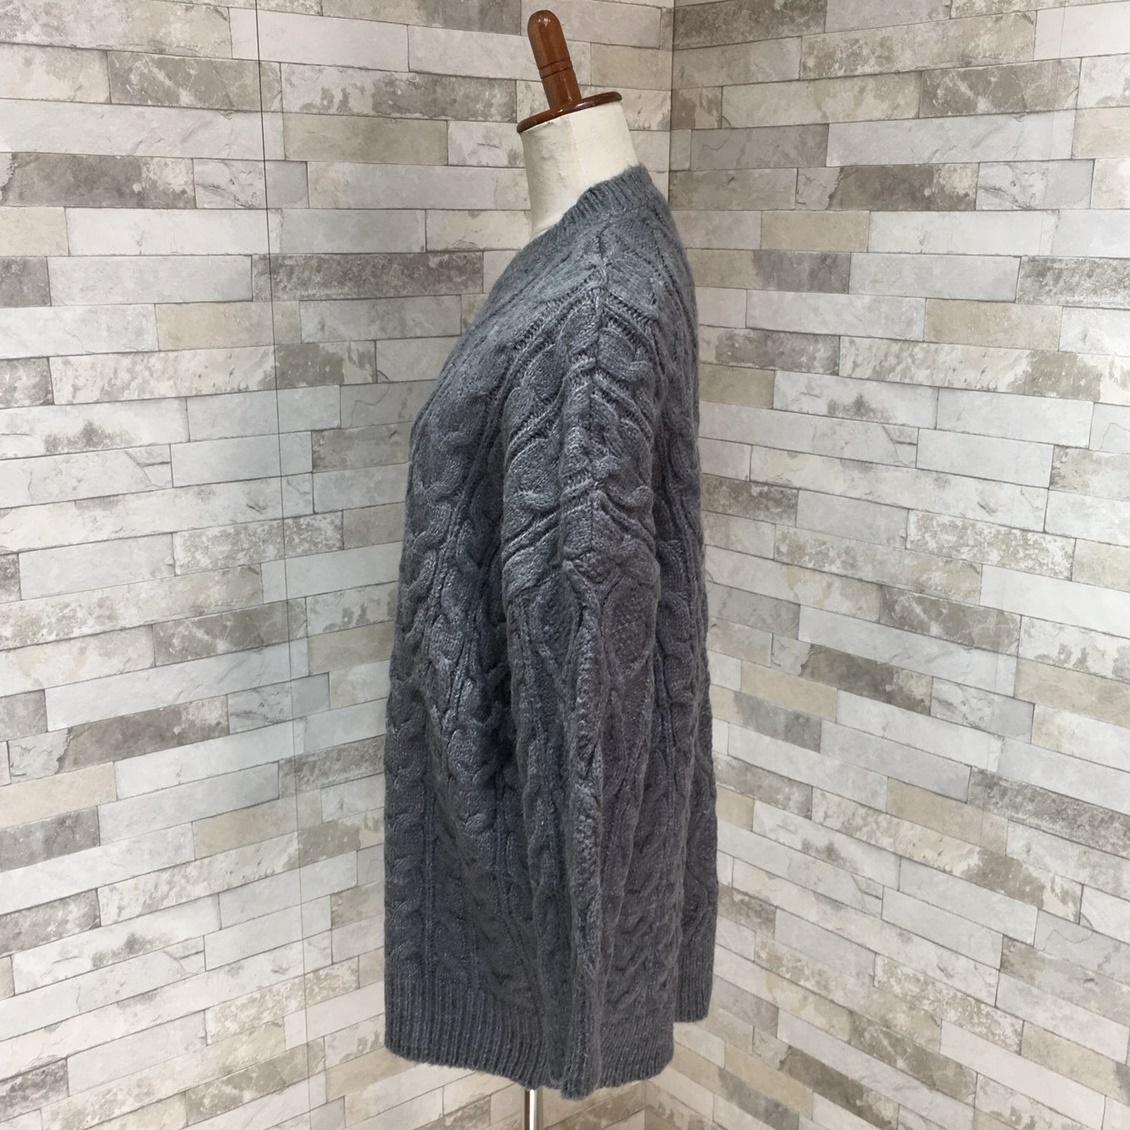 【即納】韓国 ファッション トップス ニット セーター 秋 冬 カジュアル SPTXG551  北欧風 模様編み ビッグシルエット 華奢見せ オルチャン シンプル 定番 セレカジの写真8枚目